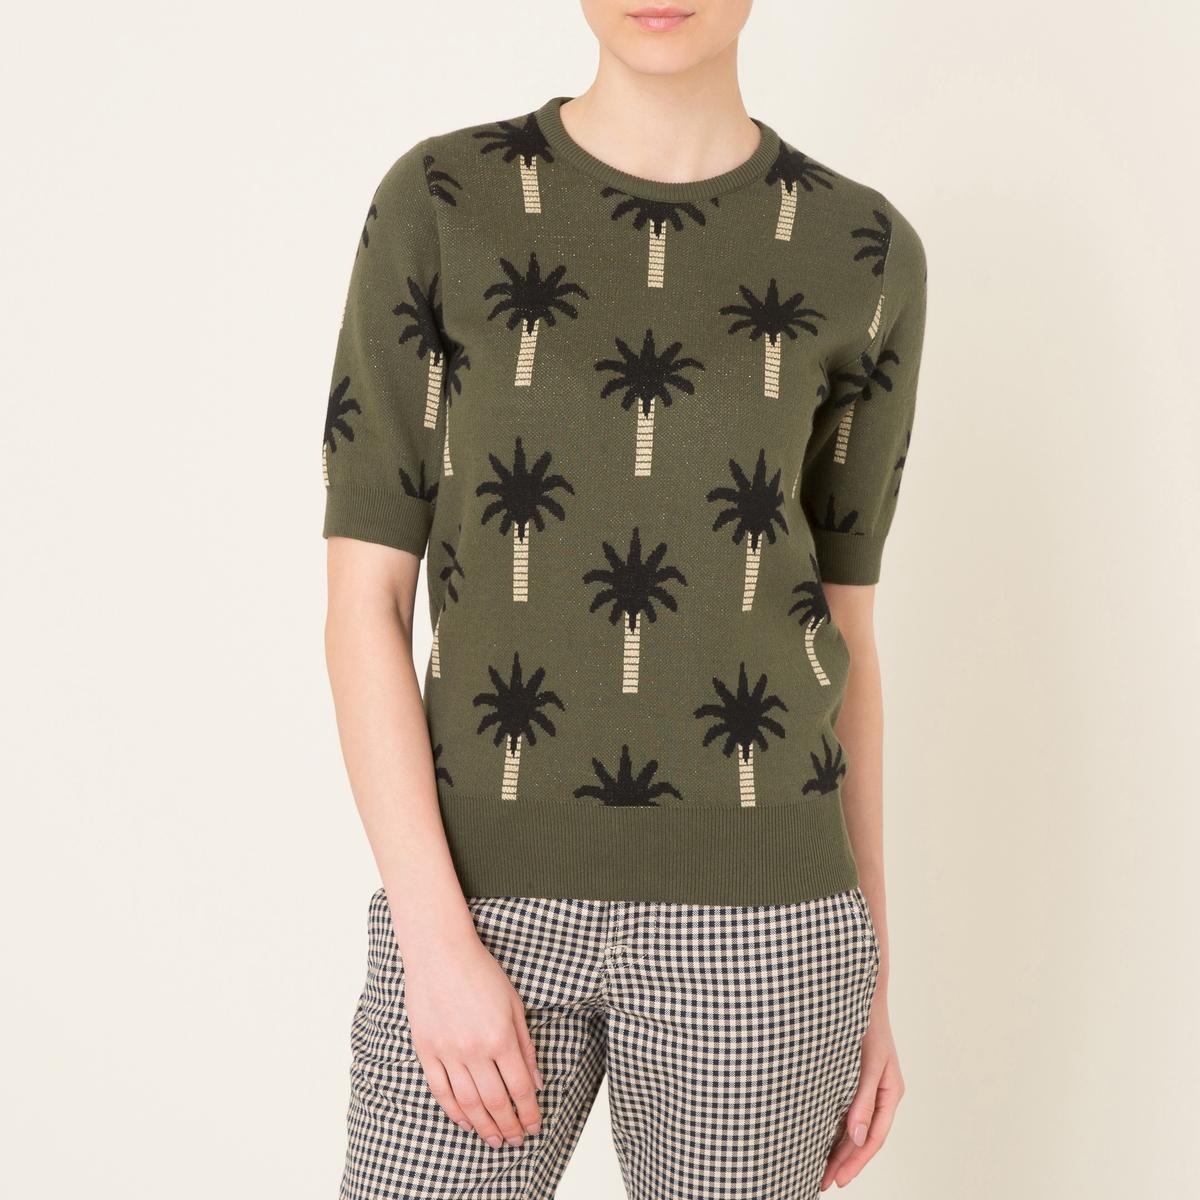 Пуловер OASISПуловер BLUNE - модель OASIS с жаккардовым рисунком пальмы. Круглый вырез с краями в рубчик. Рукава по локоть. Края низа и рукавов связаны в рубчик.Состав и описание Материал : 100% хлопокМарка : BLUNE<br><br>Цвет: хаки